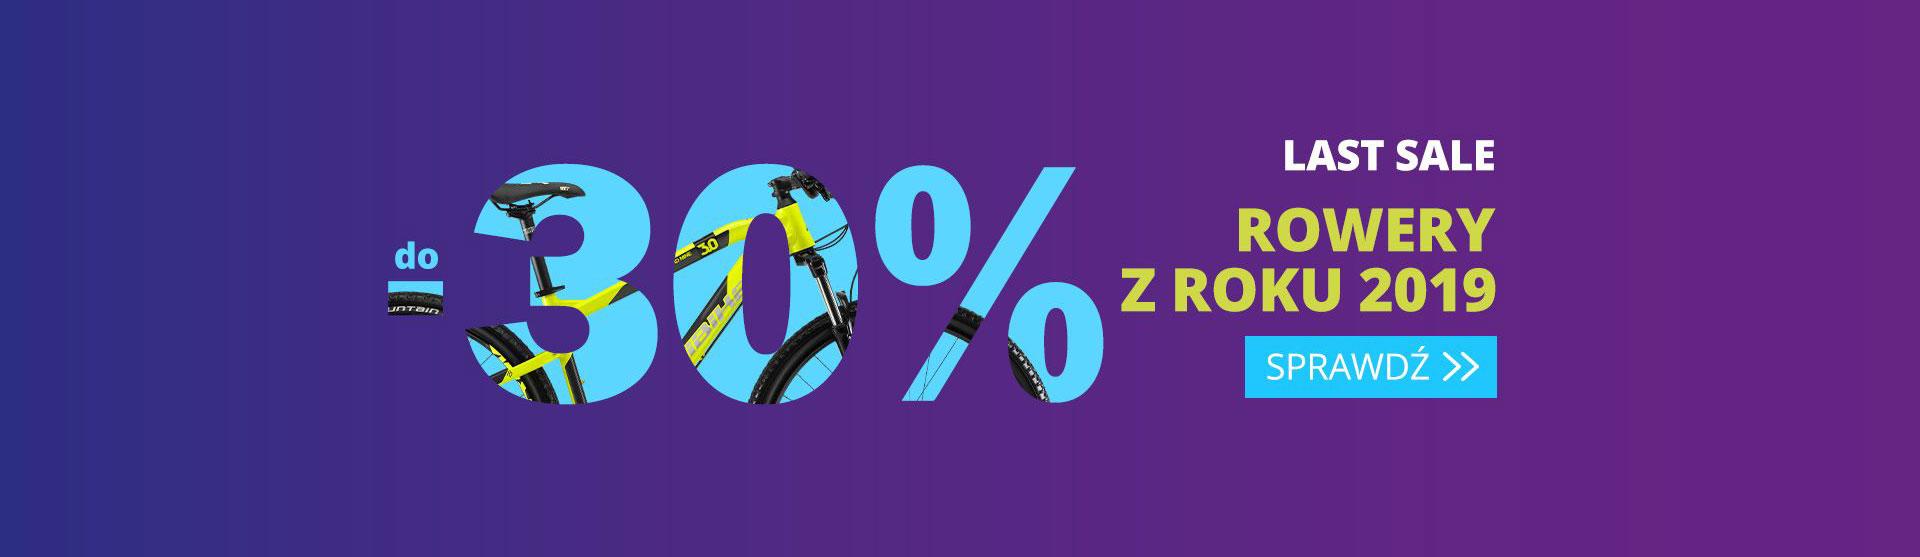 Bikesalon: wyprzedaż do 30% zniżki na rowery z roku 2019                         title=